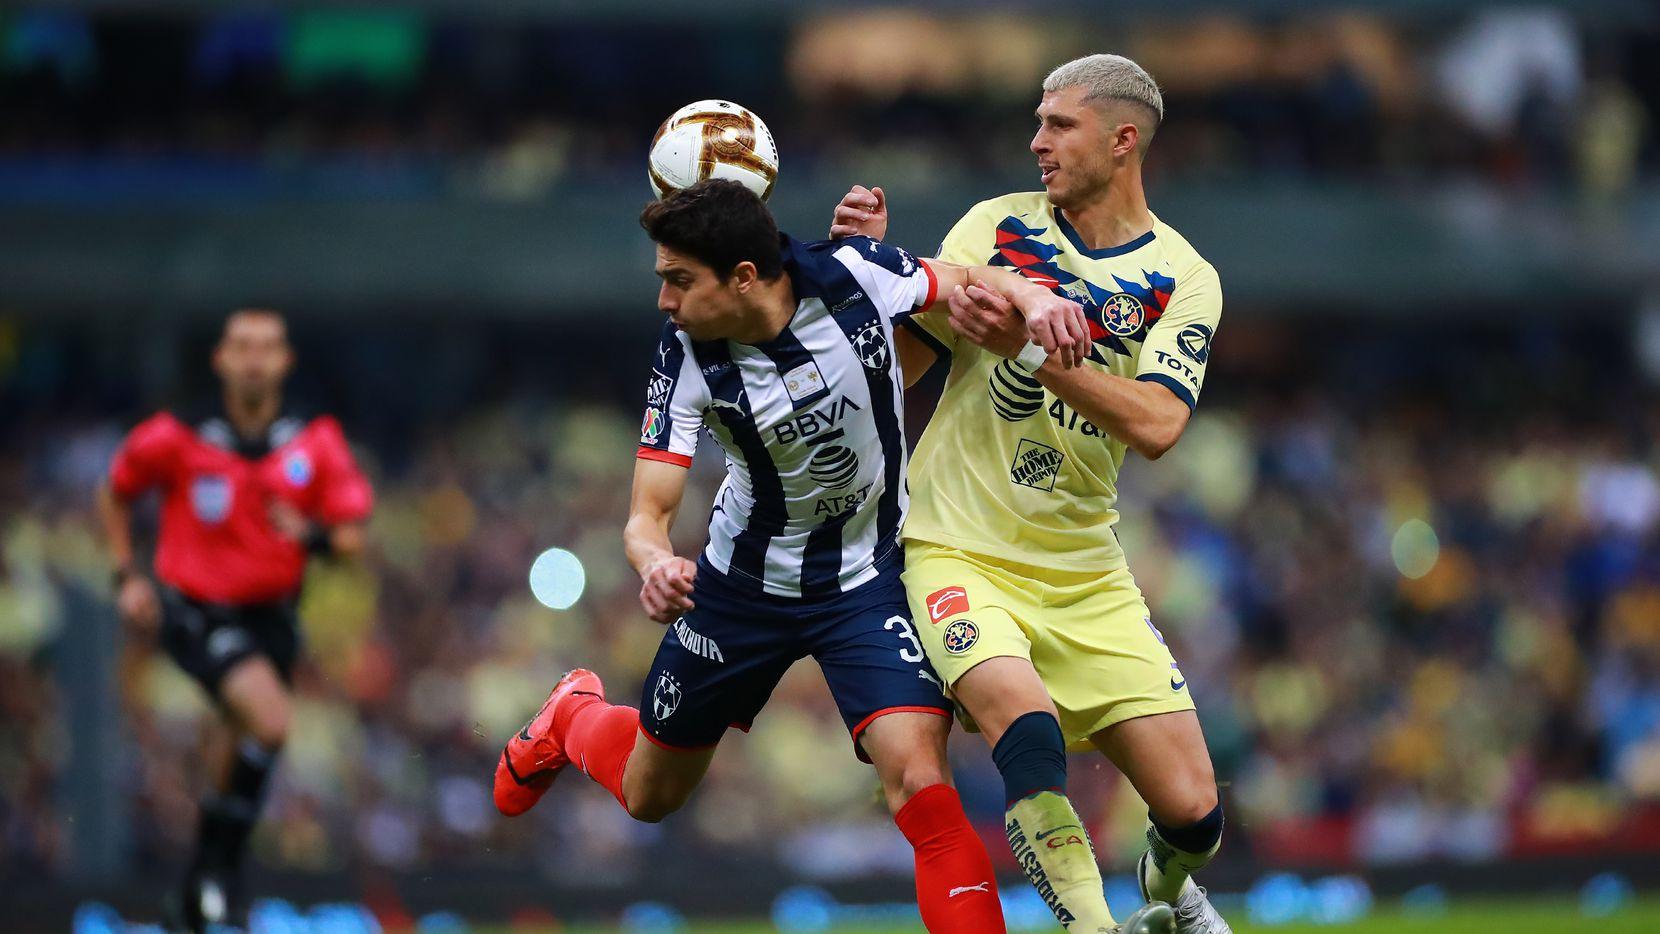 John Medina (izq.) del Monterrey recibe la marca del jugador del América, Guido Rodríguez, durante el partido del 29 de diciembre en el Estadio Azteca.